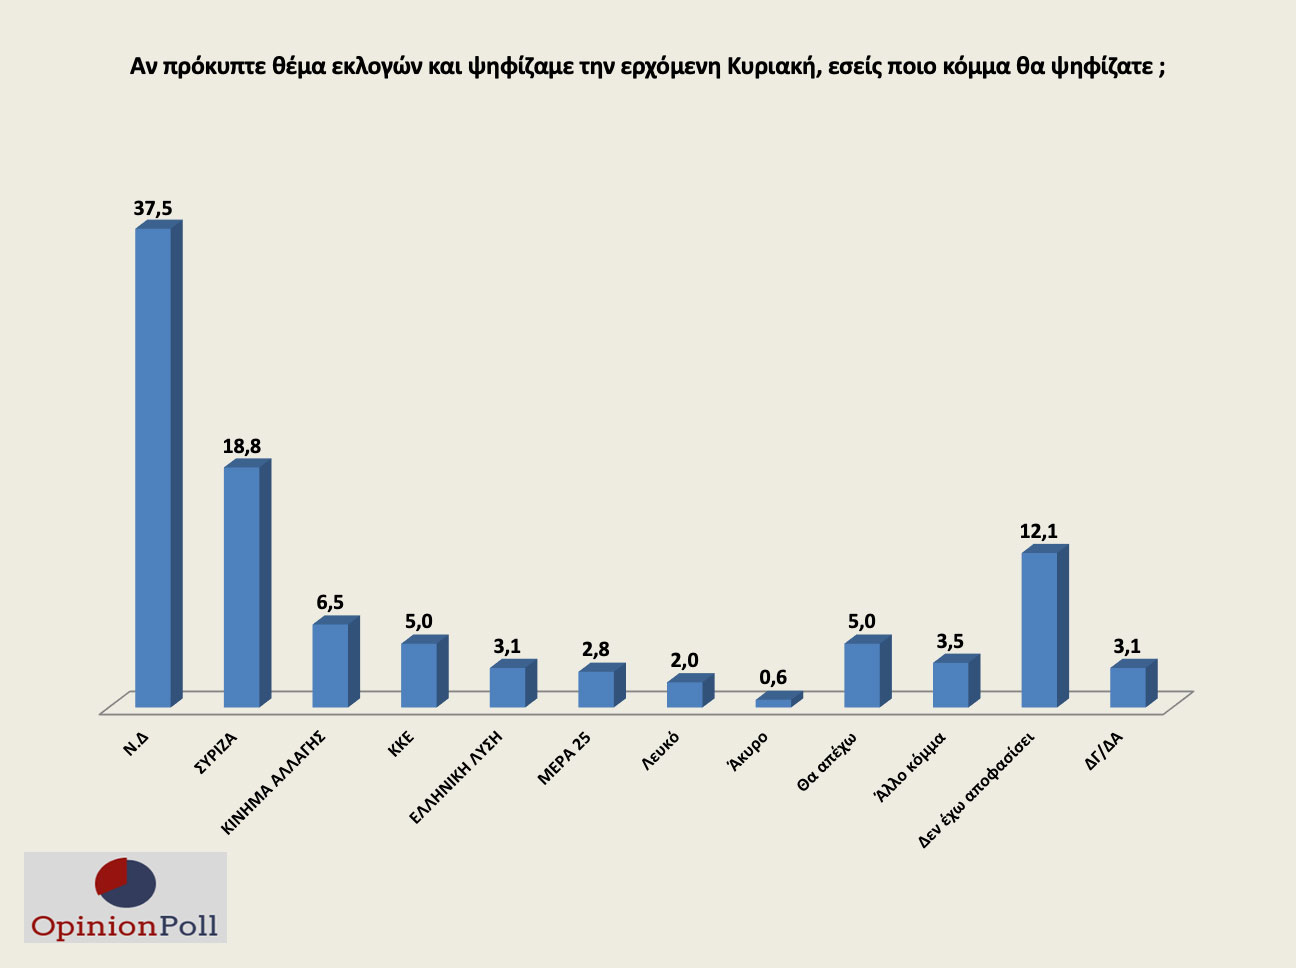 Δημοσκόπηση Opinion Poll: Μπροστά η ΝΔ με 18,7% – Ψήφος εμπιστοσύνης στον Τσιόδρα